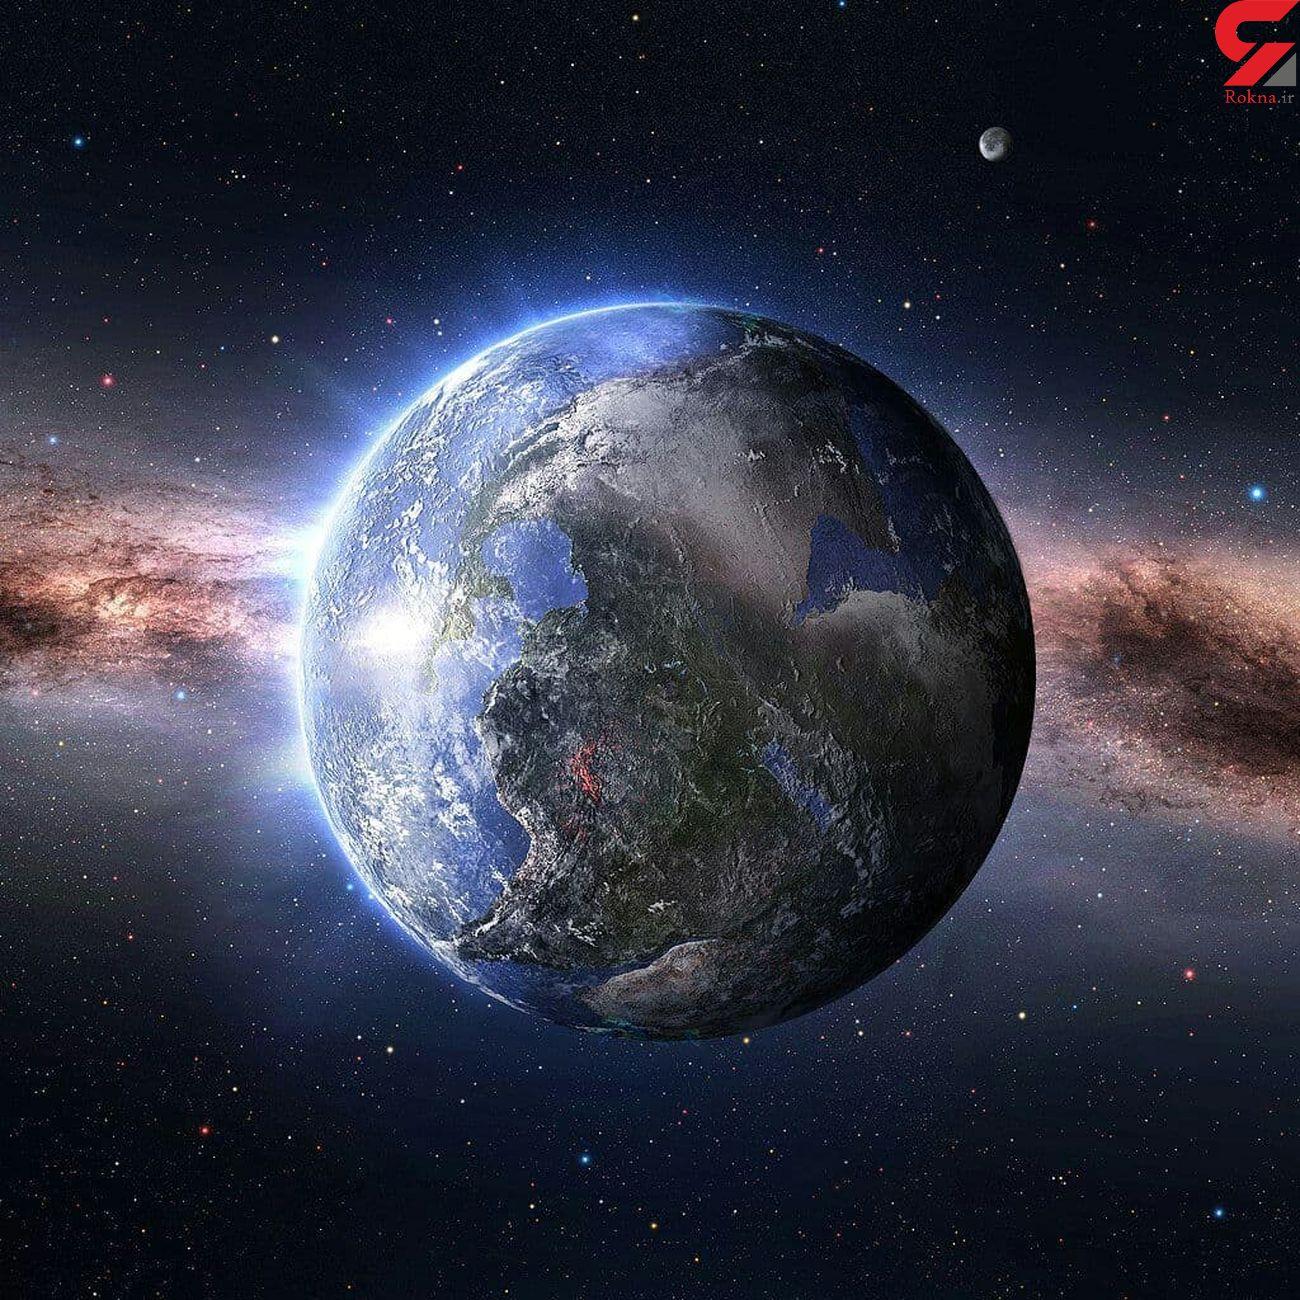 """ارسال ۳۳۵ میلیون نمونه اسپرم و تخمک به ماه با الهام از """"کشتی نوح"""""""